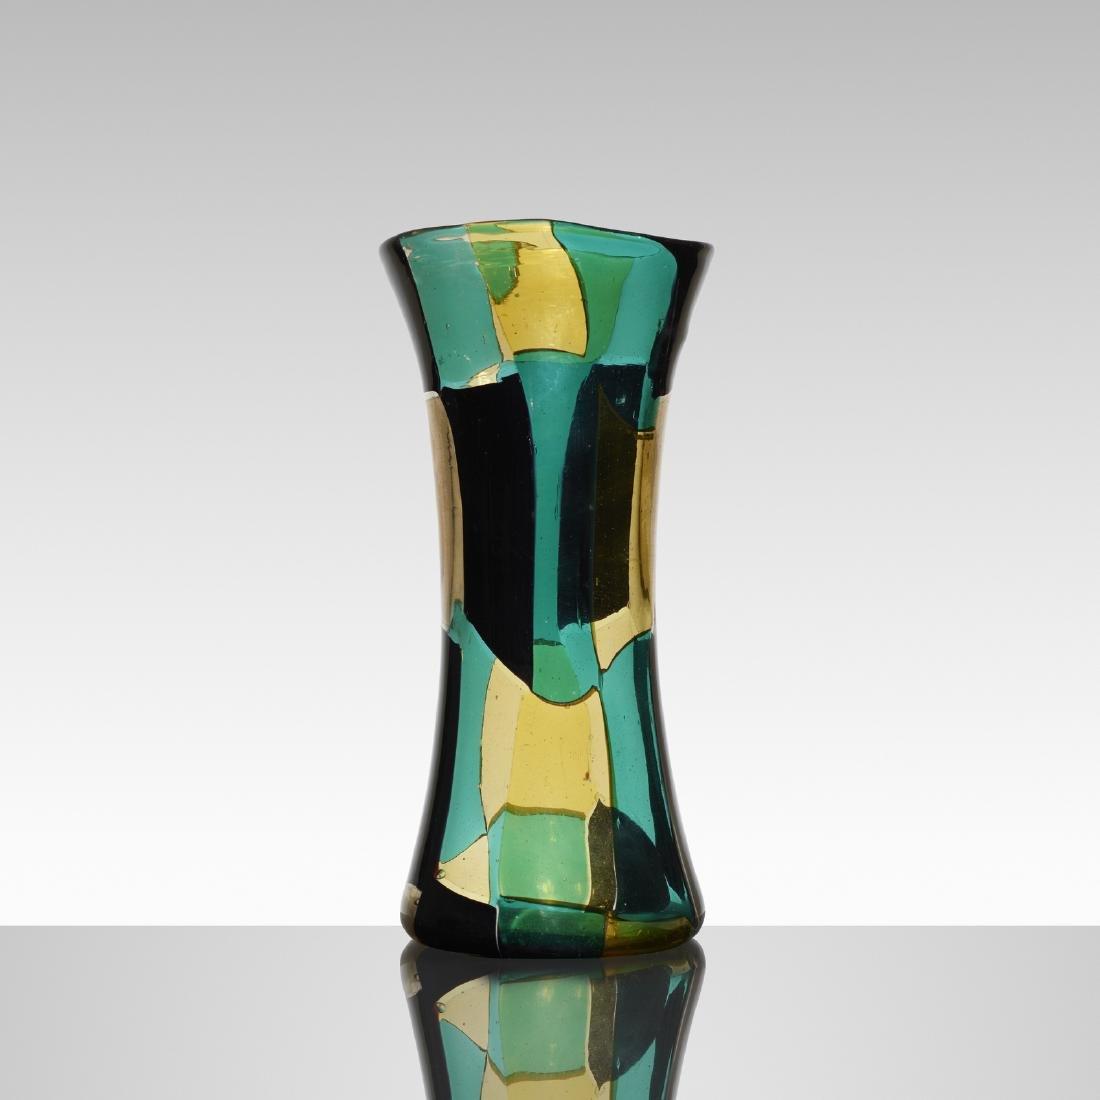 Fulvio Bianconi, Pezzato Americano vase, model 4398